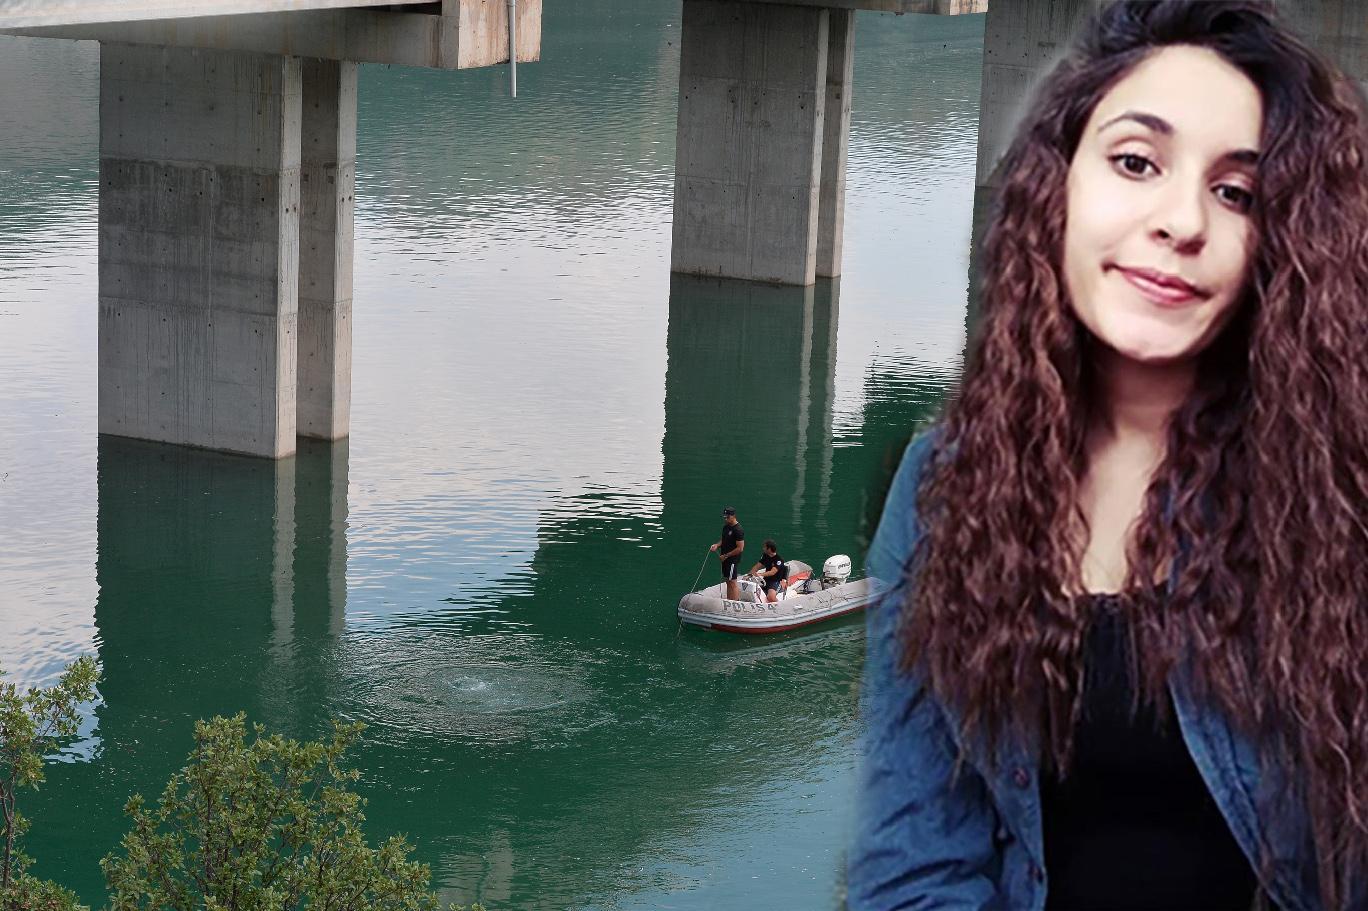 Gülistan Doku'yu su altında arama çalışmaları sonlandırıldı